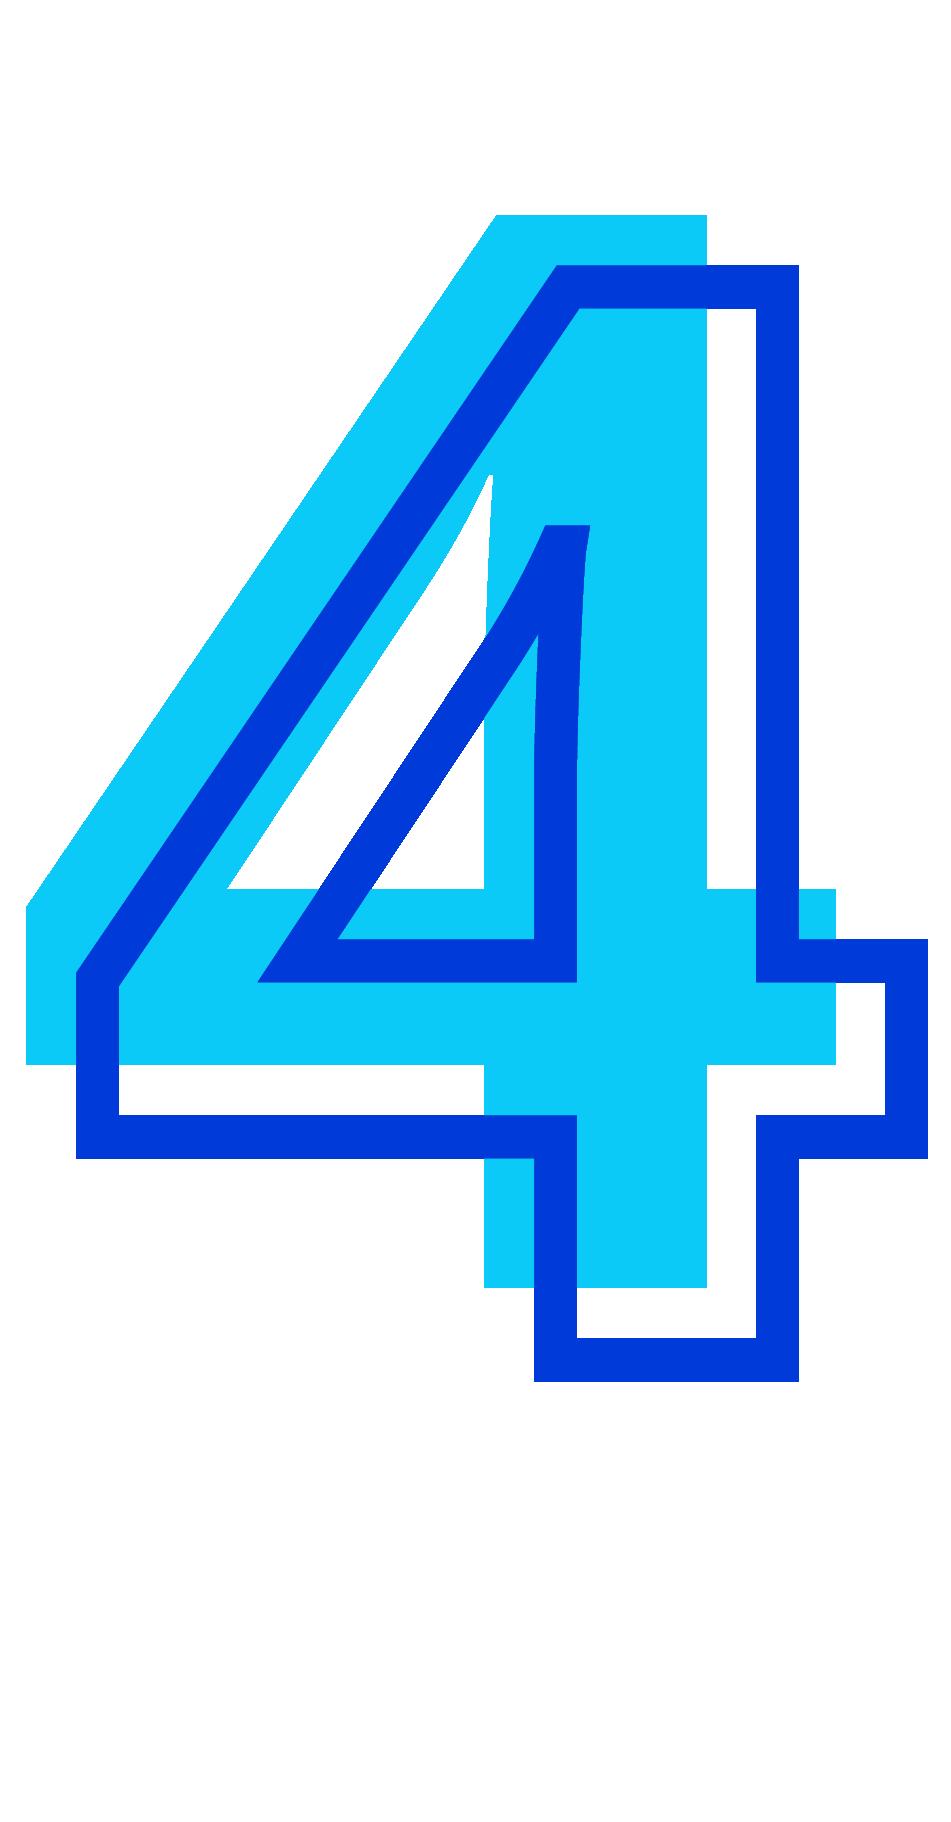 Asset 26